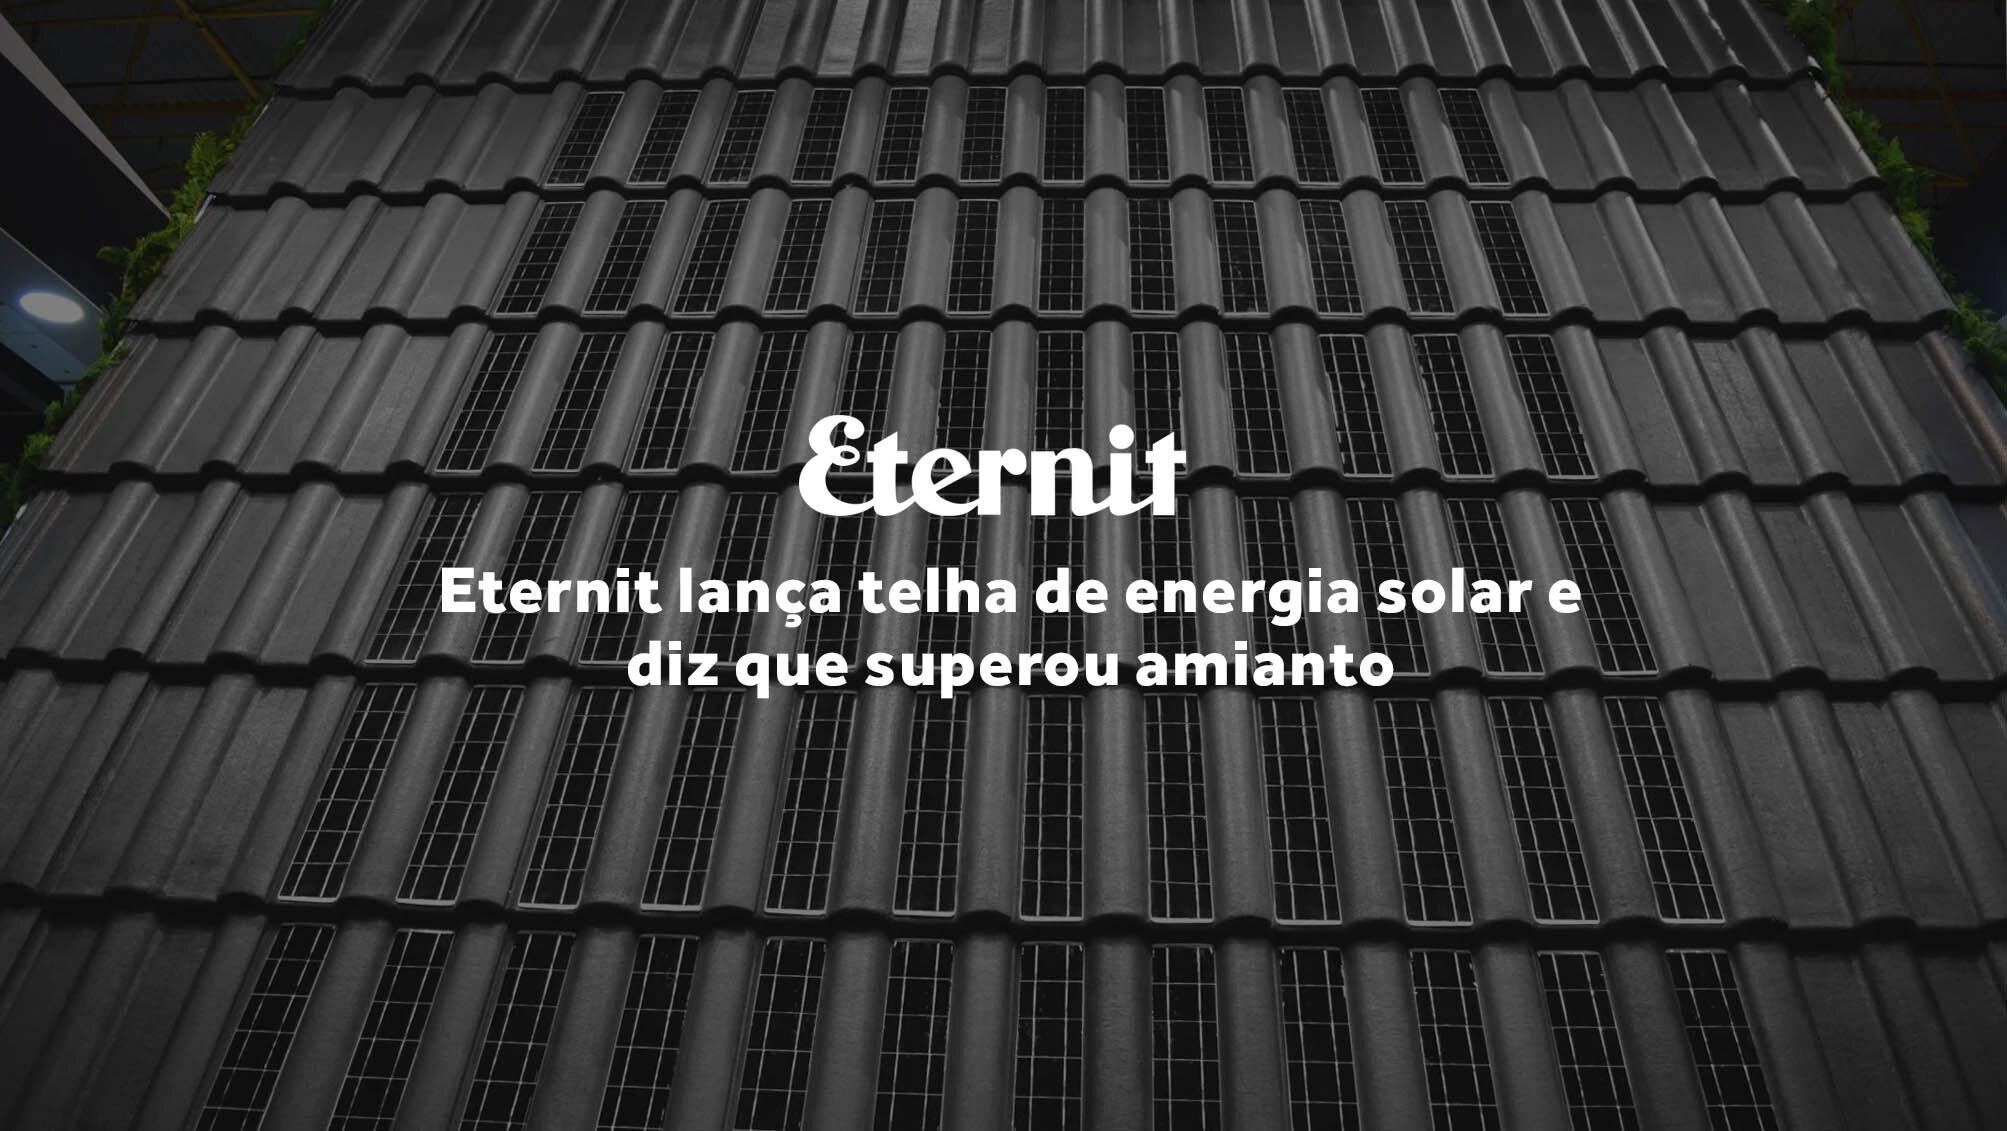 telha-fotovoltaica-de-concreto-que-produzem-energia-4.jpg